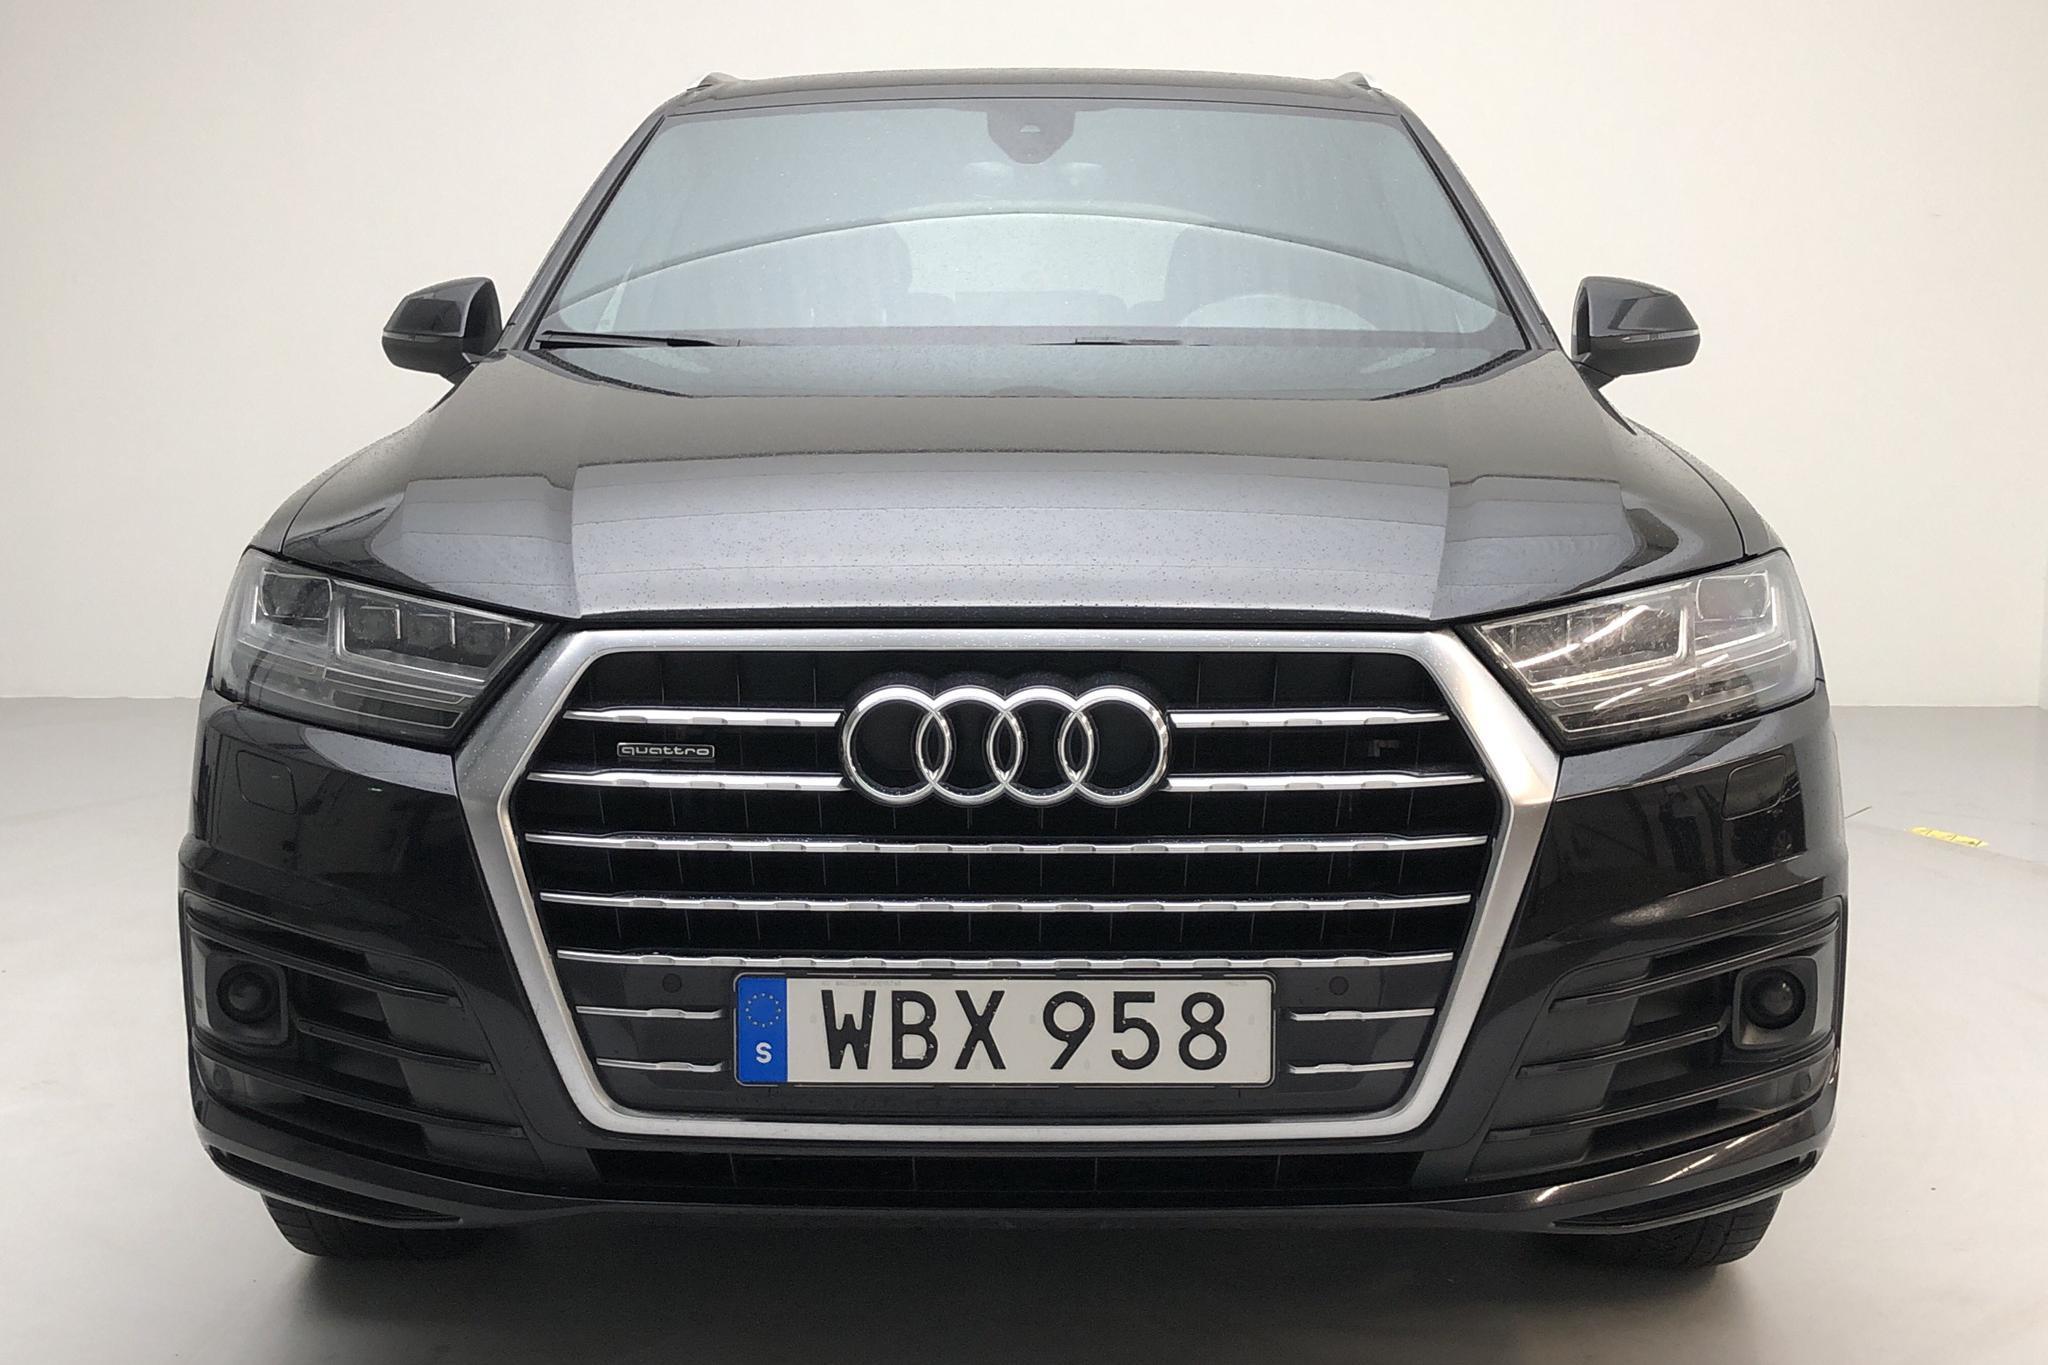 Audi Q7 3.0 TDI quattro (272hk) - 10 272 mil - Automat - svart - 2018